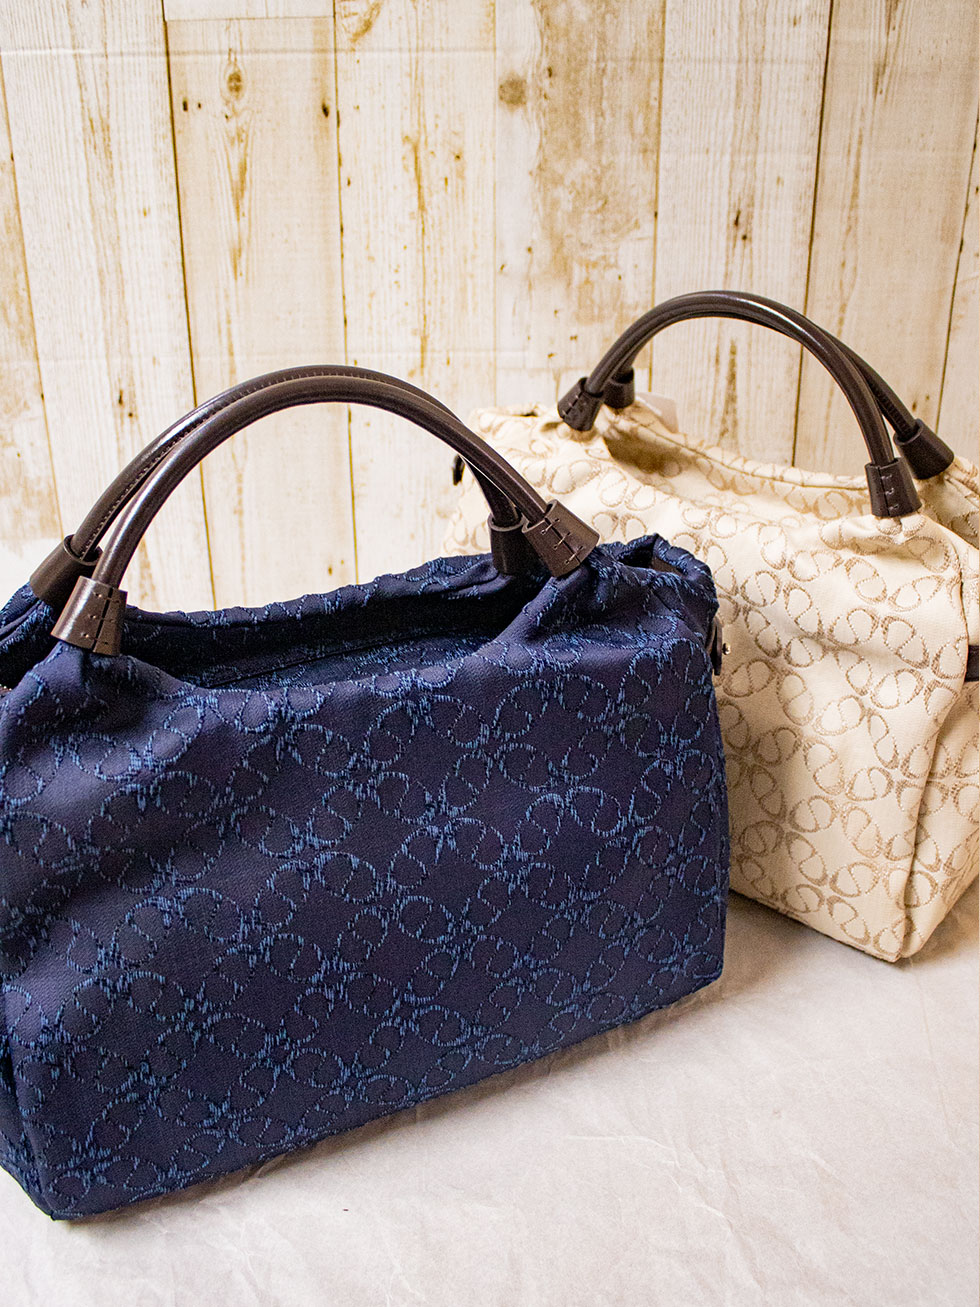 イタリア産のオリジナル・ジャカード生地で仕上げるバッグは使い心地も気持ちよく毎日活躍するバッグ